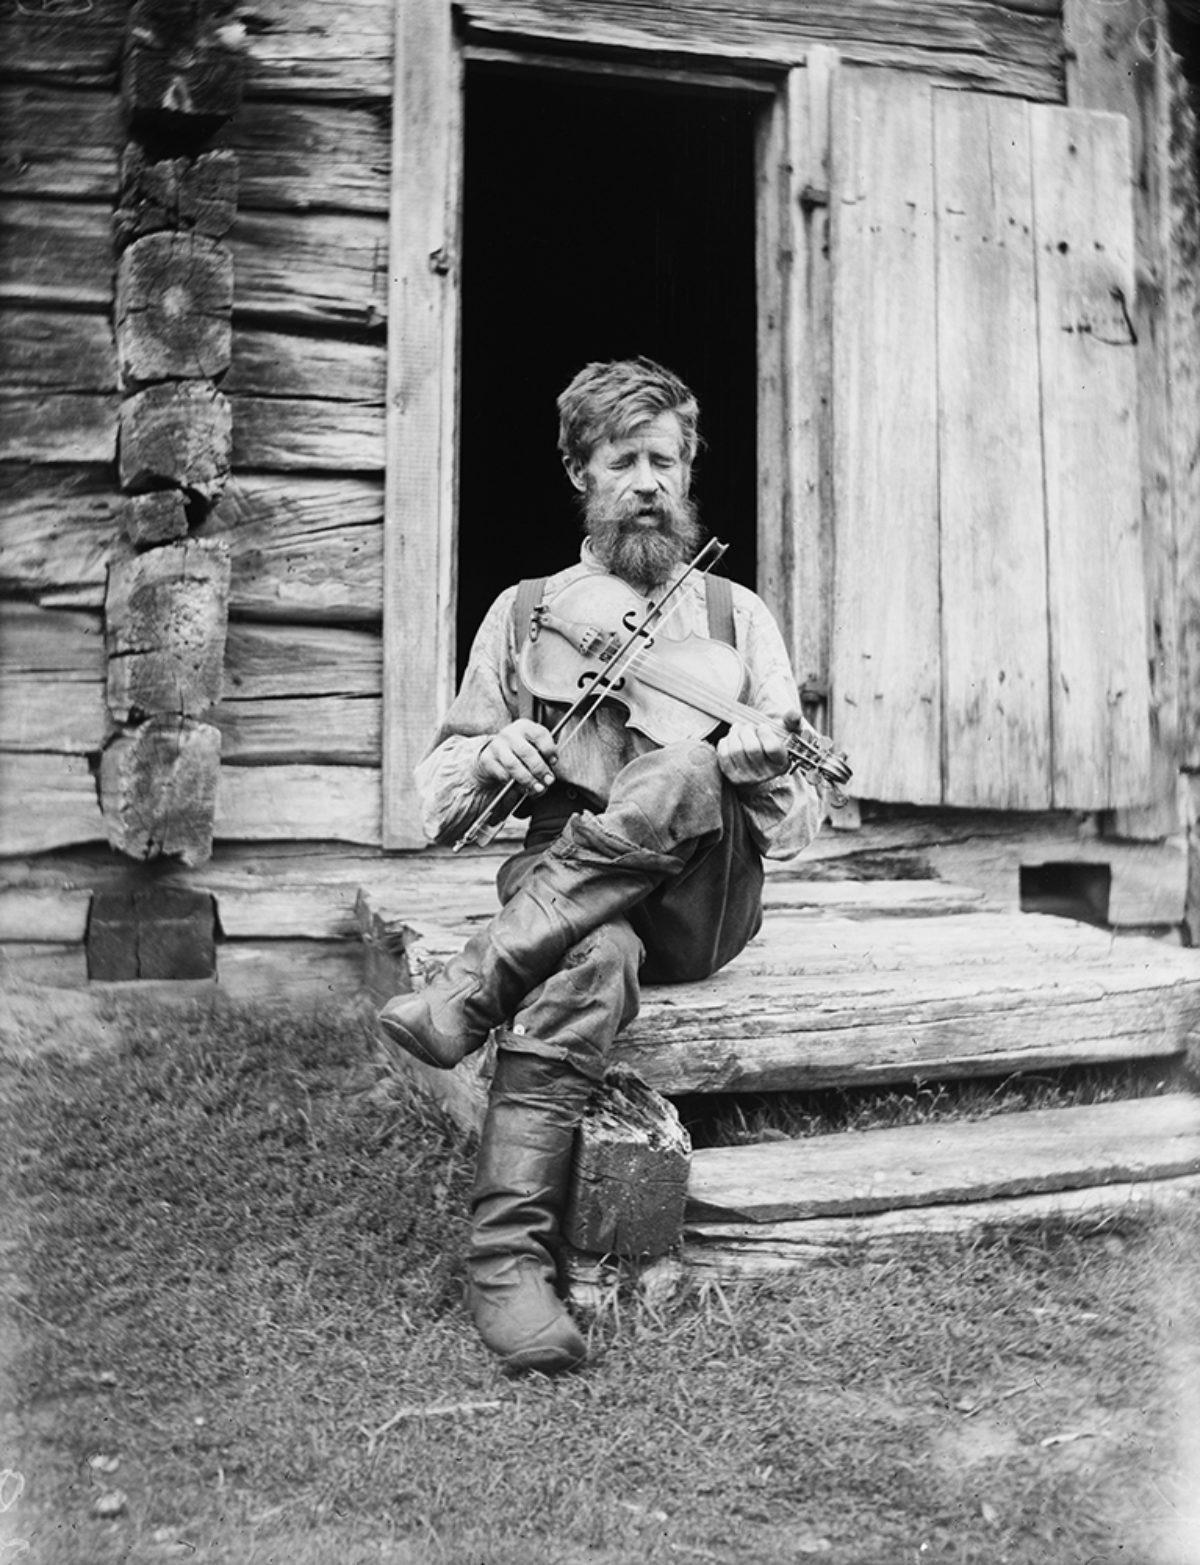 Kyrölä soittaa viulua. Hailuoto, 1912. Kuva: Samuli Paulaharju / Museoviraston Kuvakokoelmat